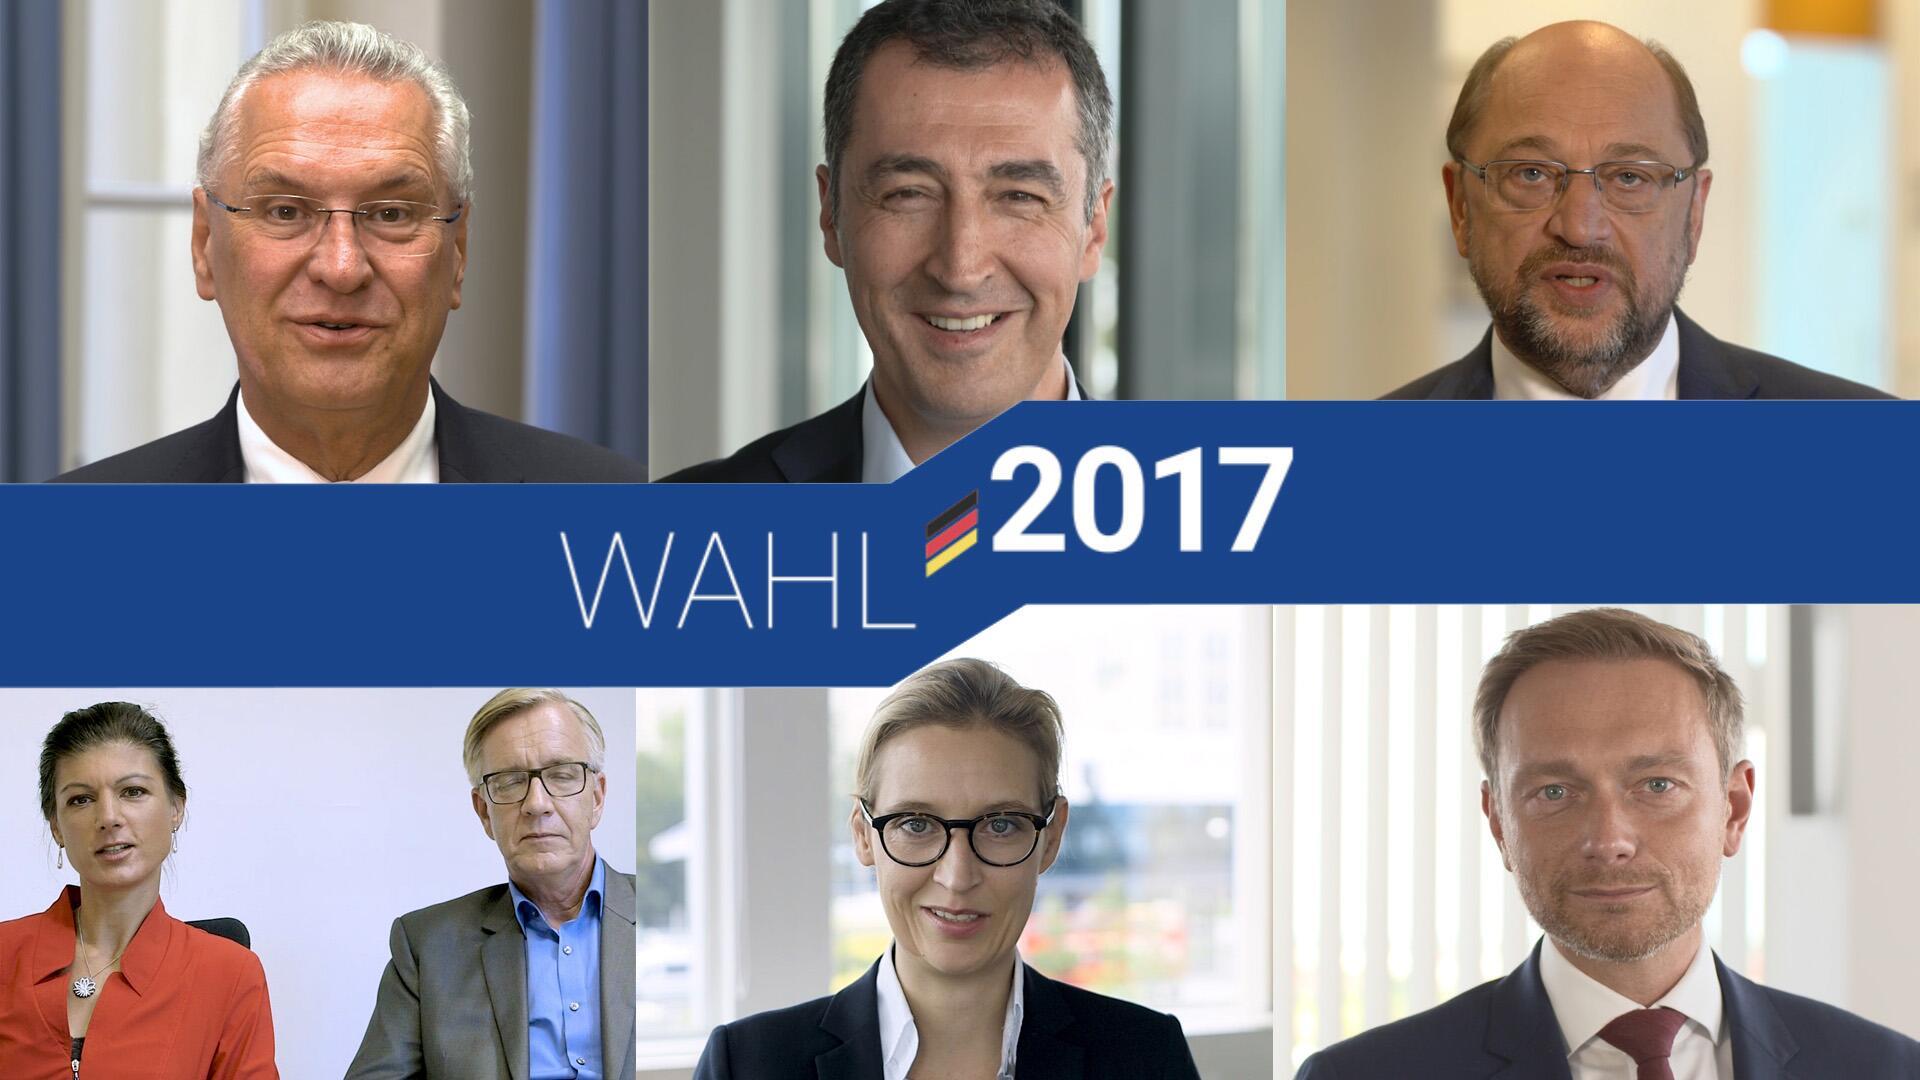 Bild zu Bundestagswahl, Martin Schulz, Alice Weidel